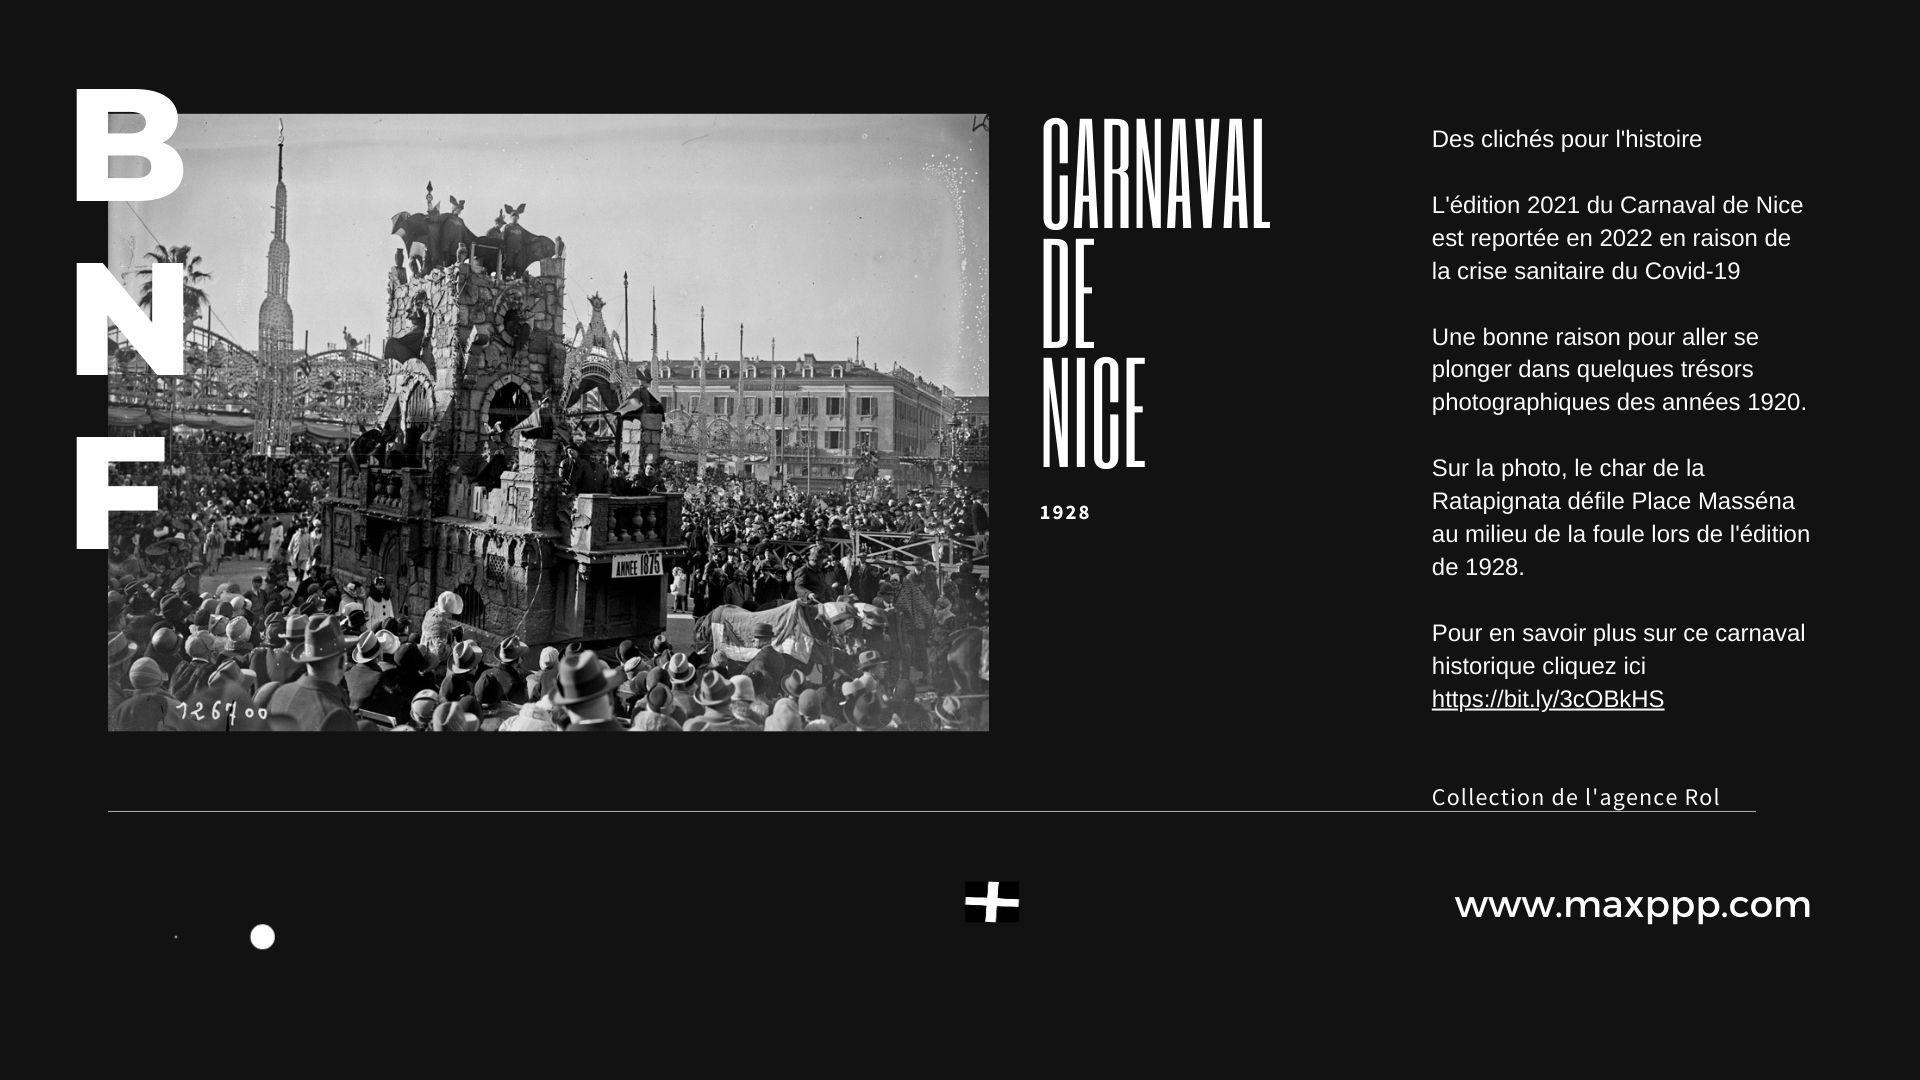 Carnaval de Nice, 1928